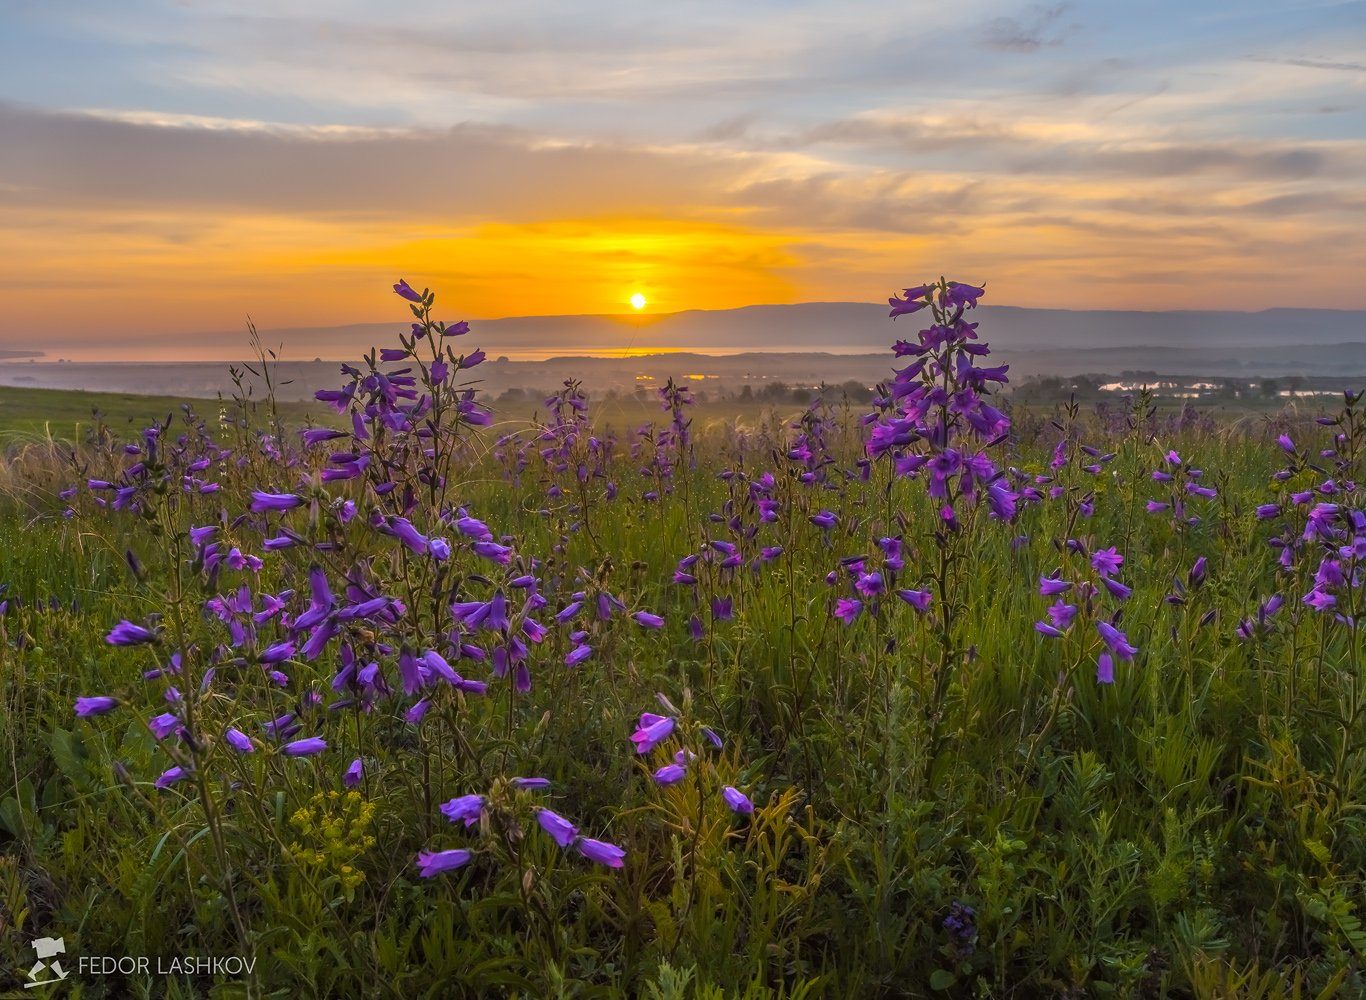 pentax645z, pentaxrussia, pentax, ставропольский край,  путешествие, фотоальбом, цветы, природа, рассвет, облака, колокольчик, луг, степь, солнце, Лашков Фёдор